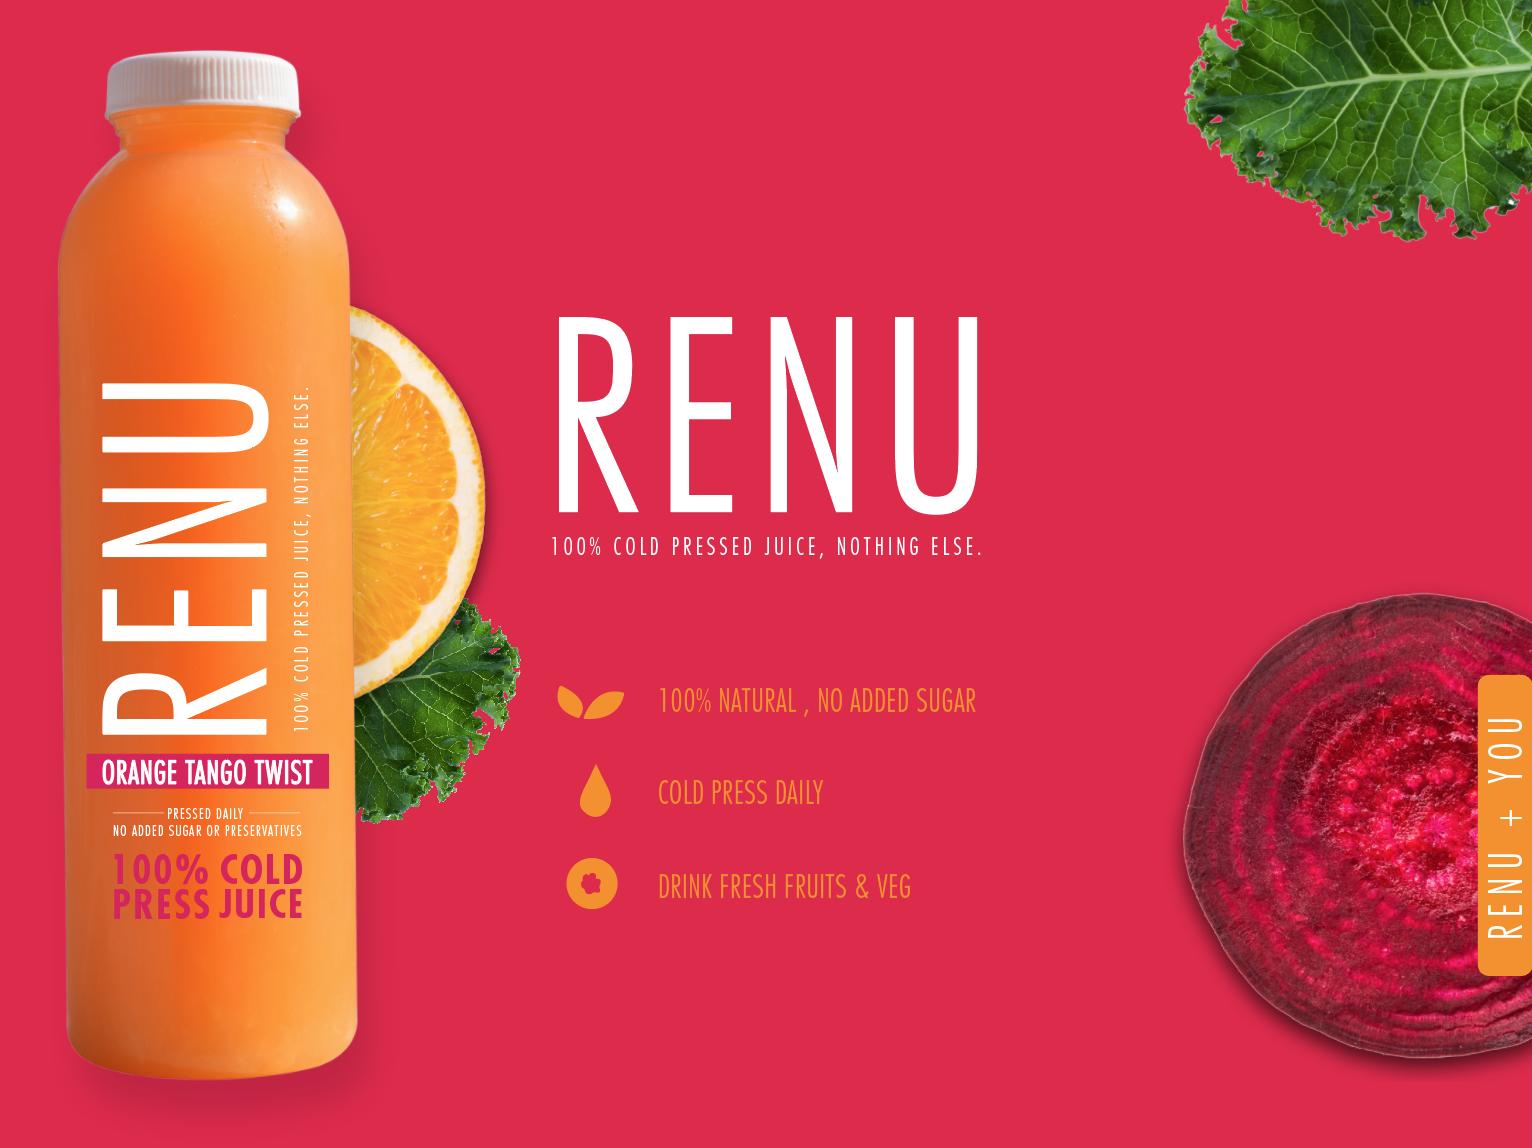 RENU - Branding